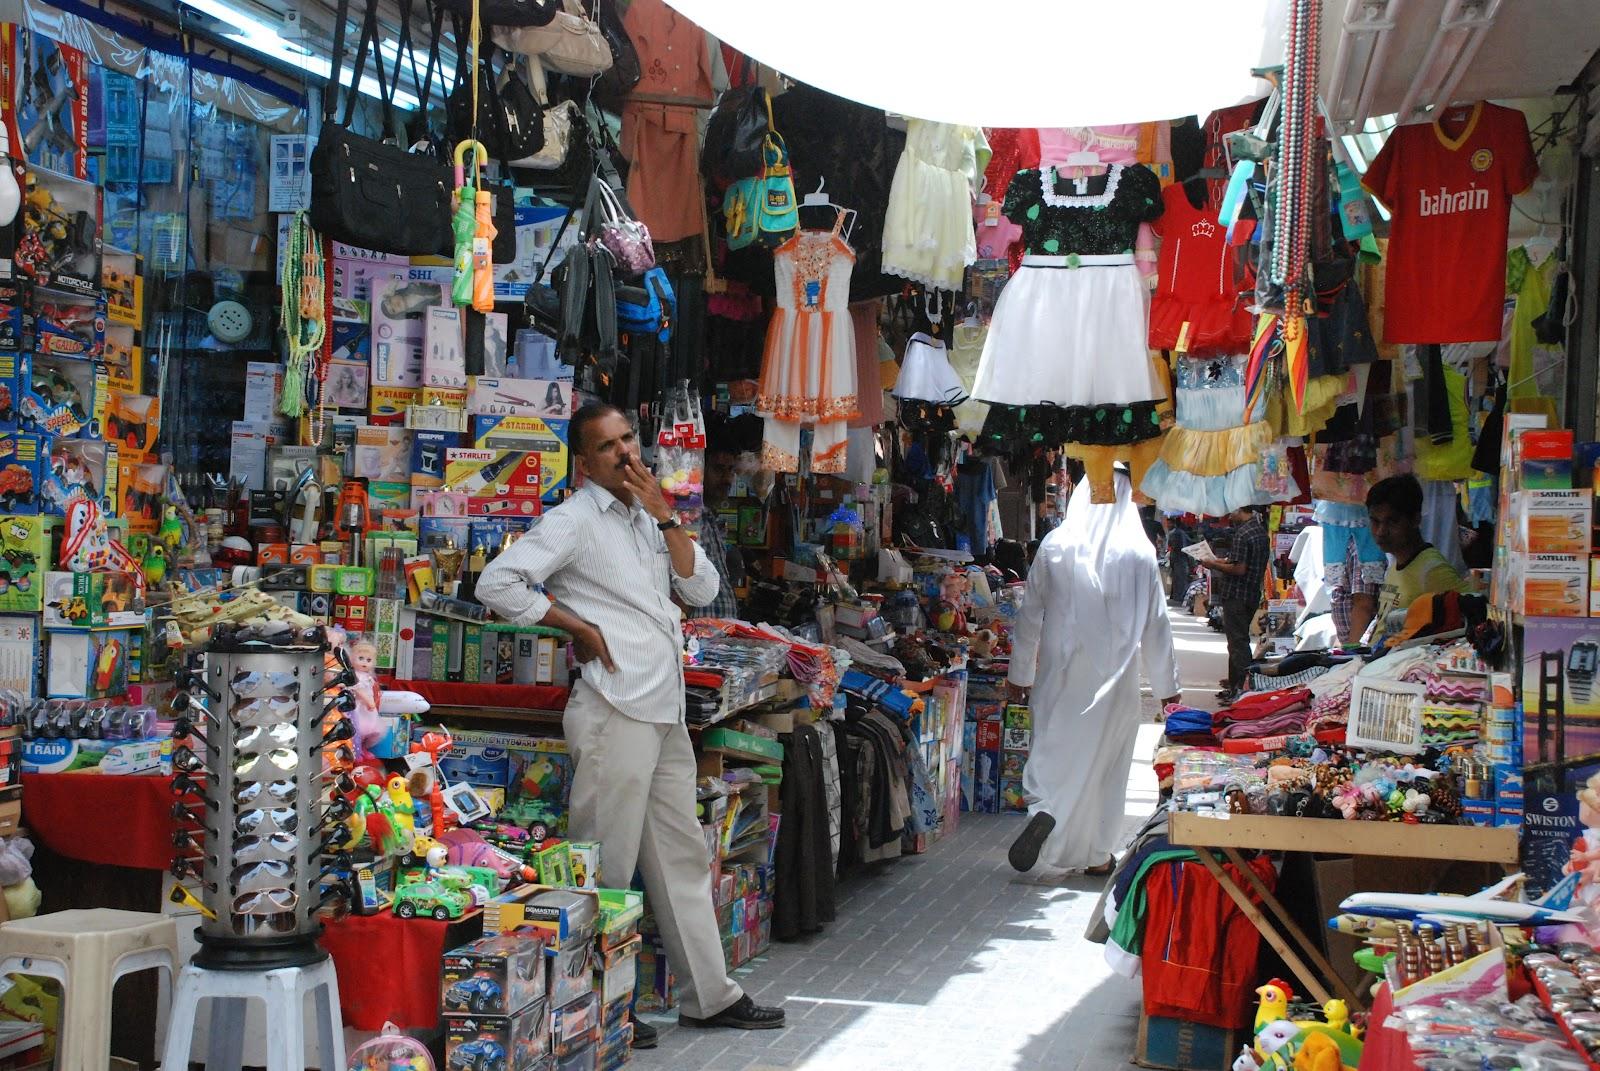 Manama Souq (Bazaar)